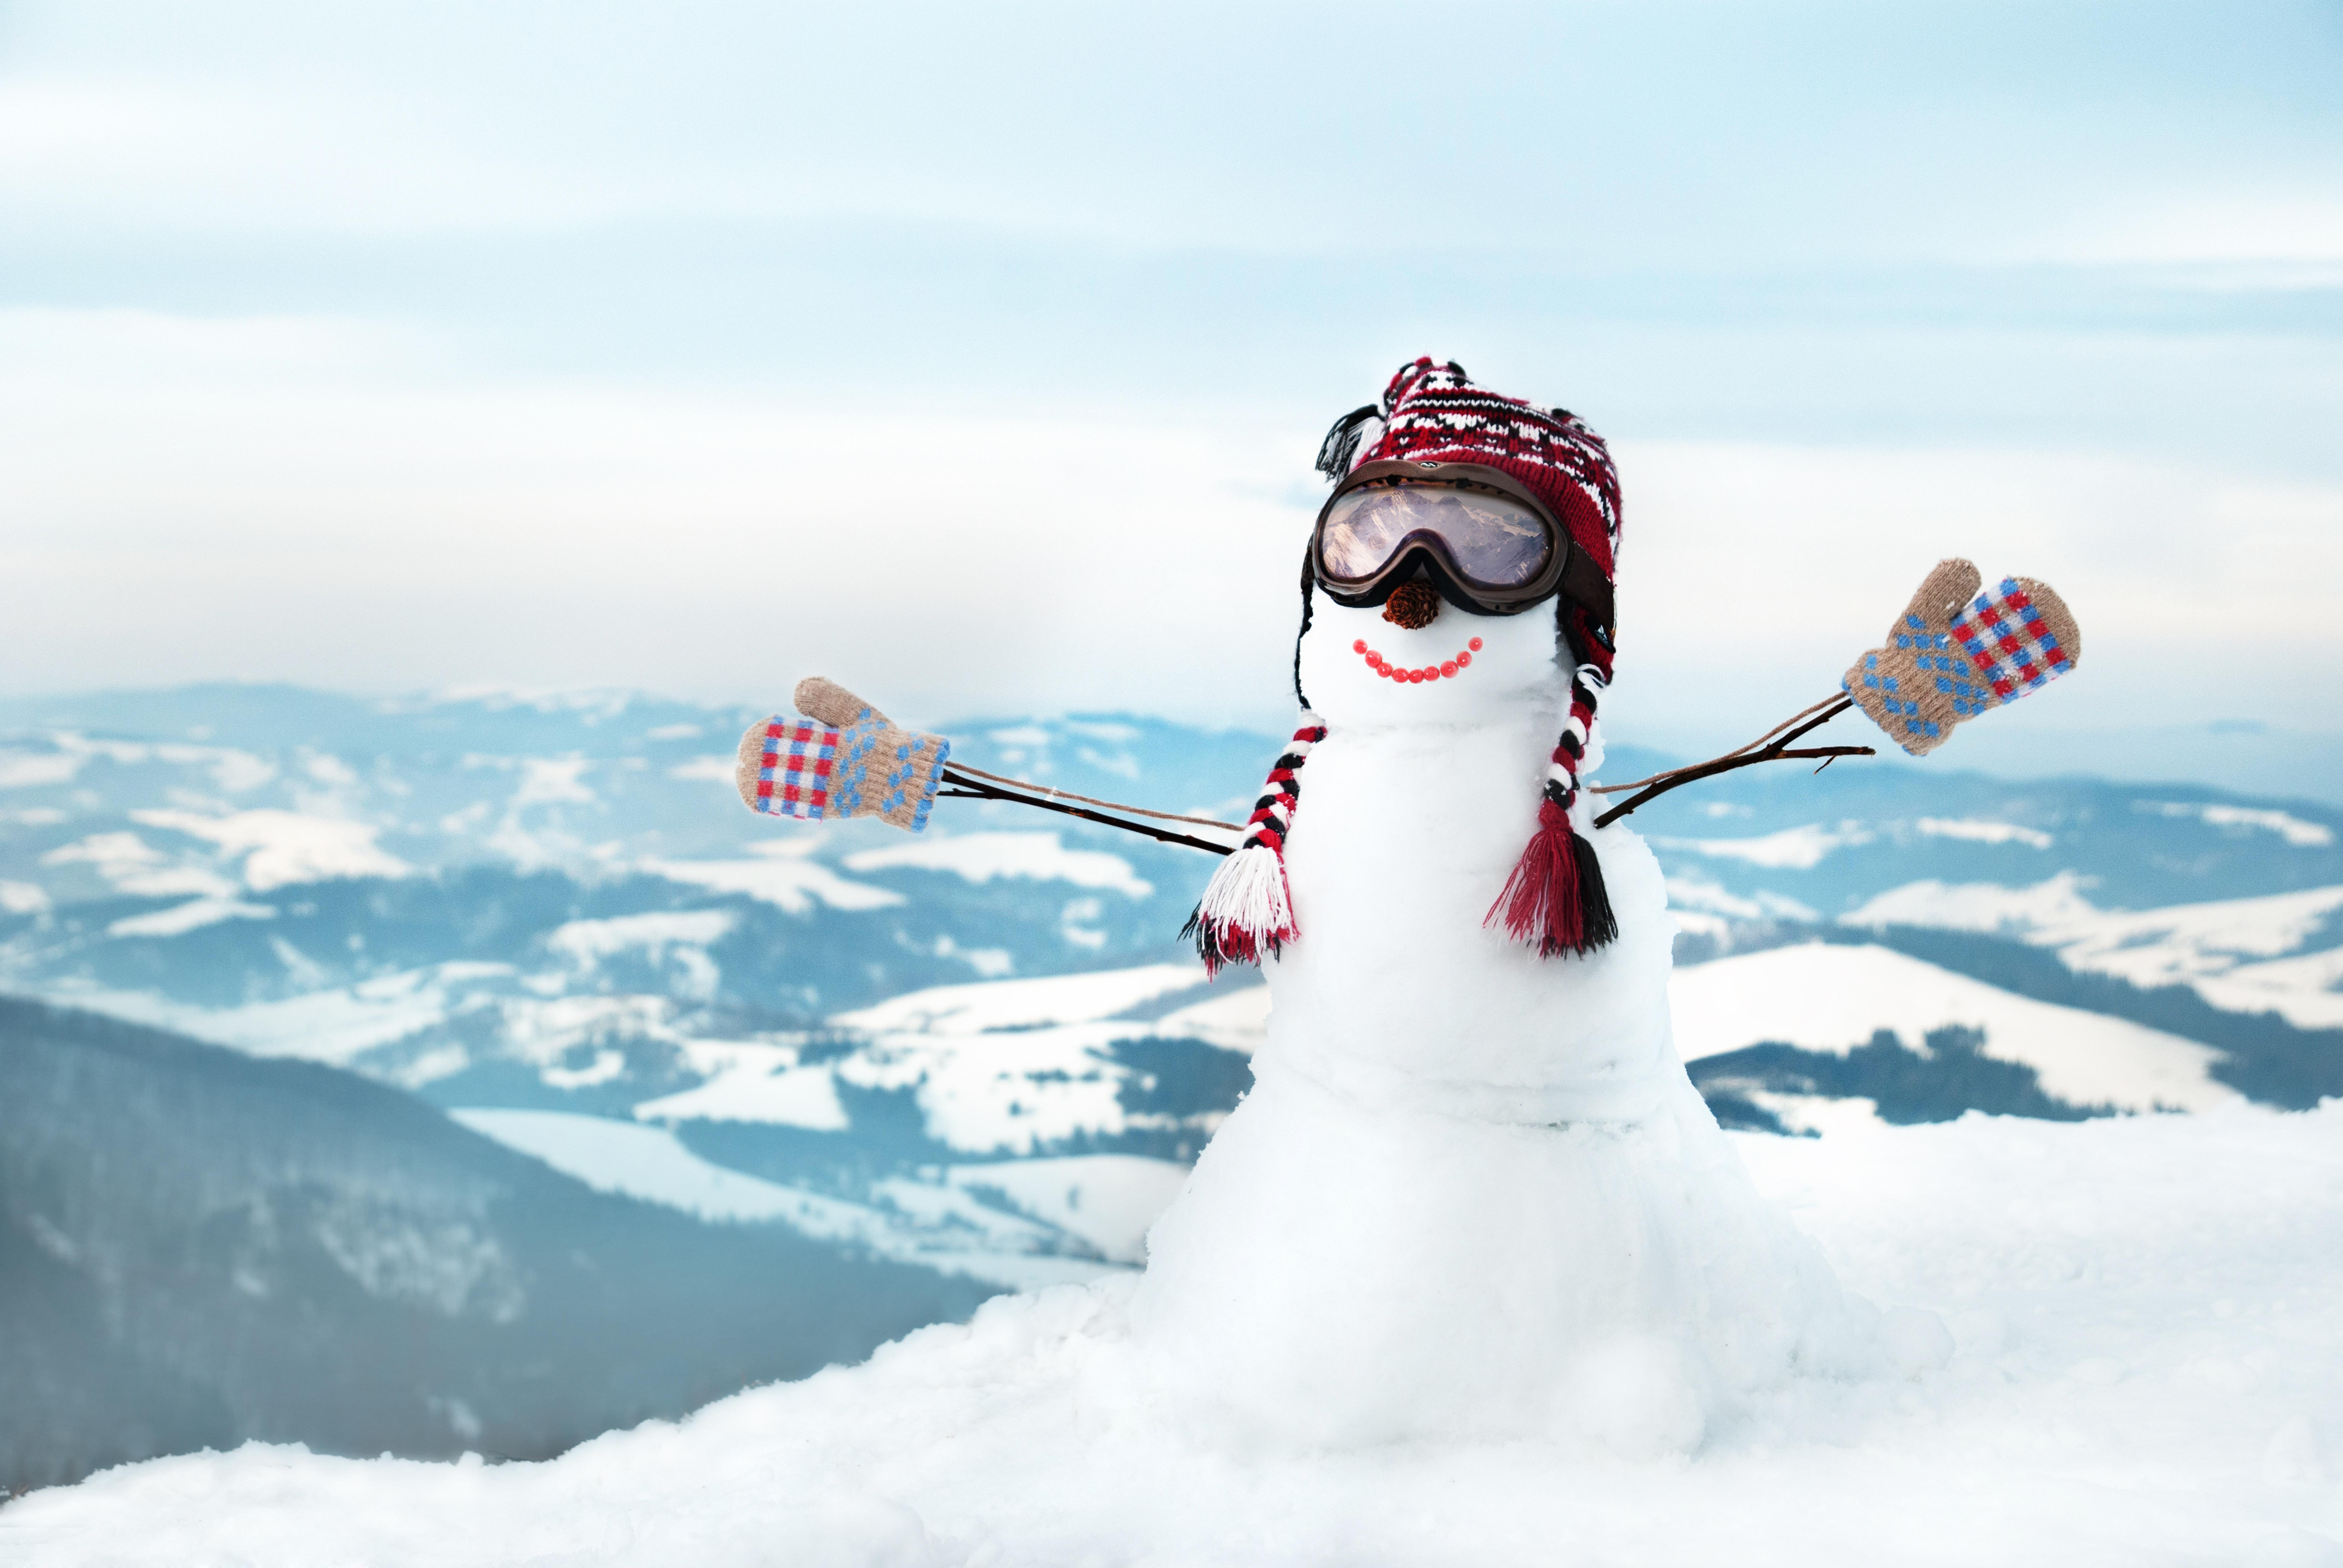 Открытки, прикольны снежные картинки